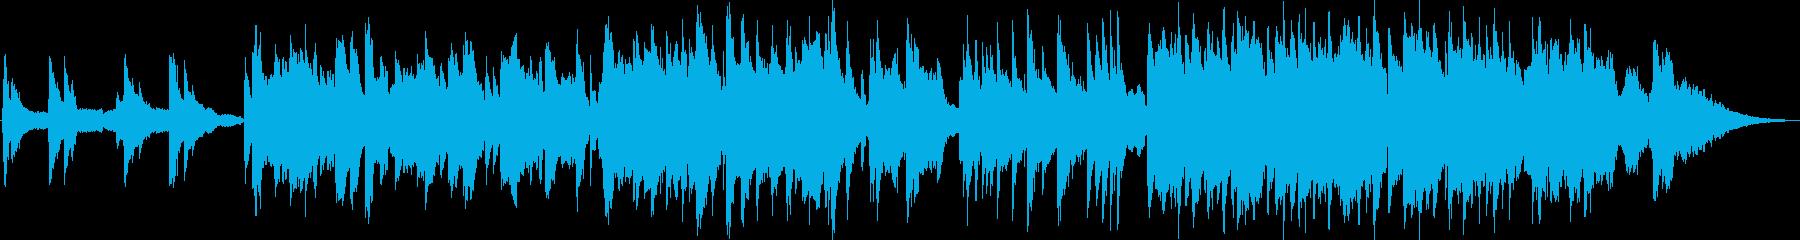 溢れる想いが止まらないオーボエのバラードの再生済みの波形